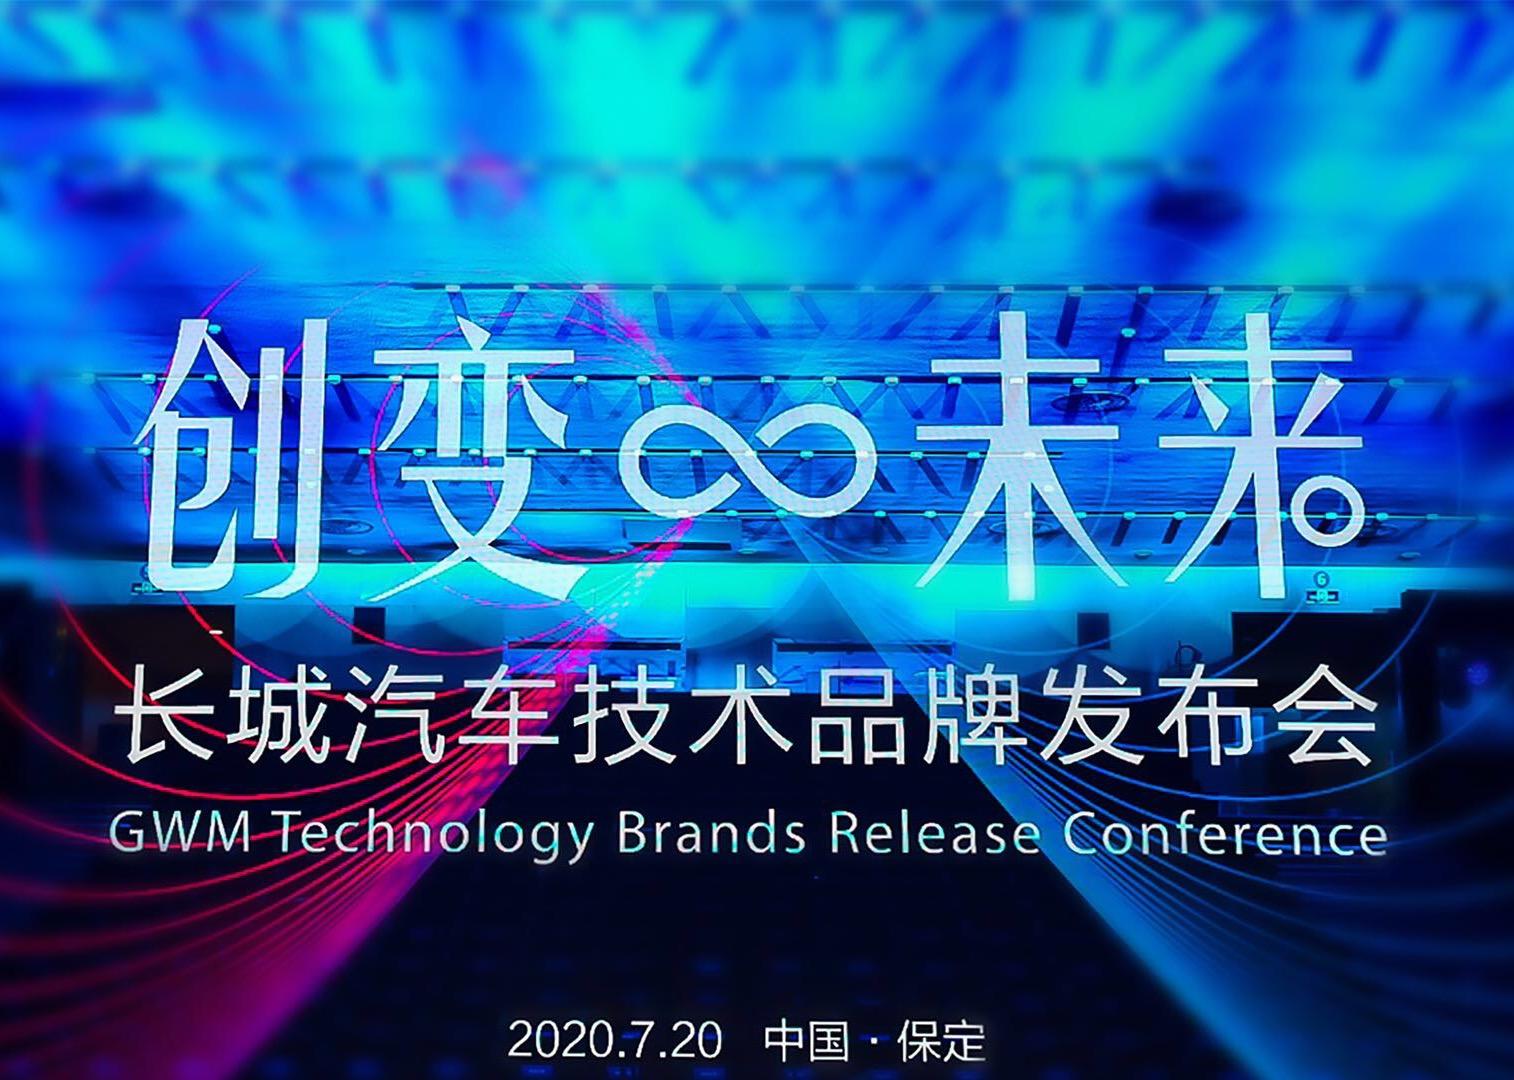 长城汽车创新变嗤革 发布三大技术品牌